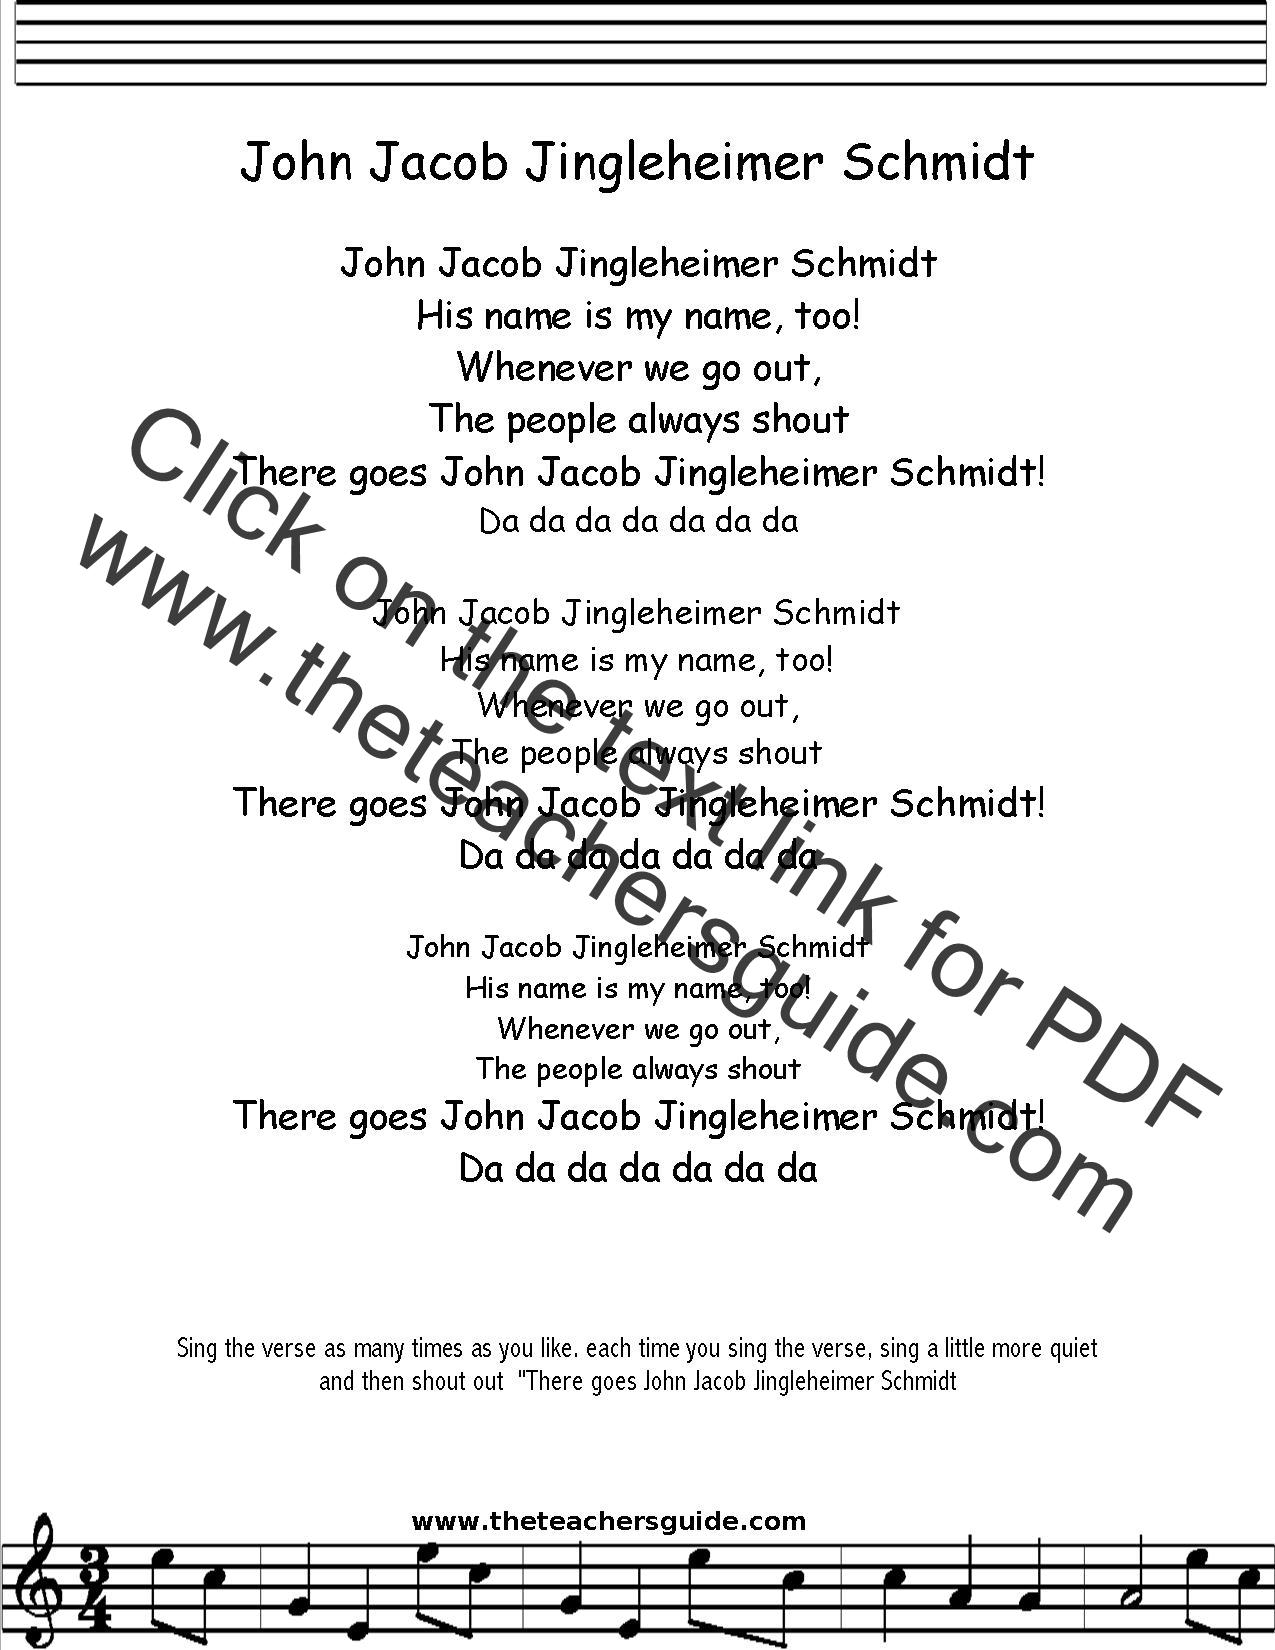 John Jacob Jingleheimer Schmidt Lyrics Printout Midi And Video